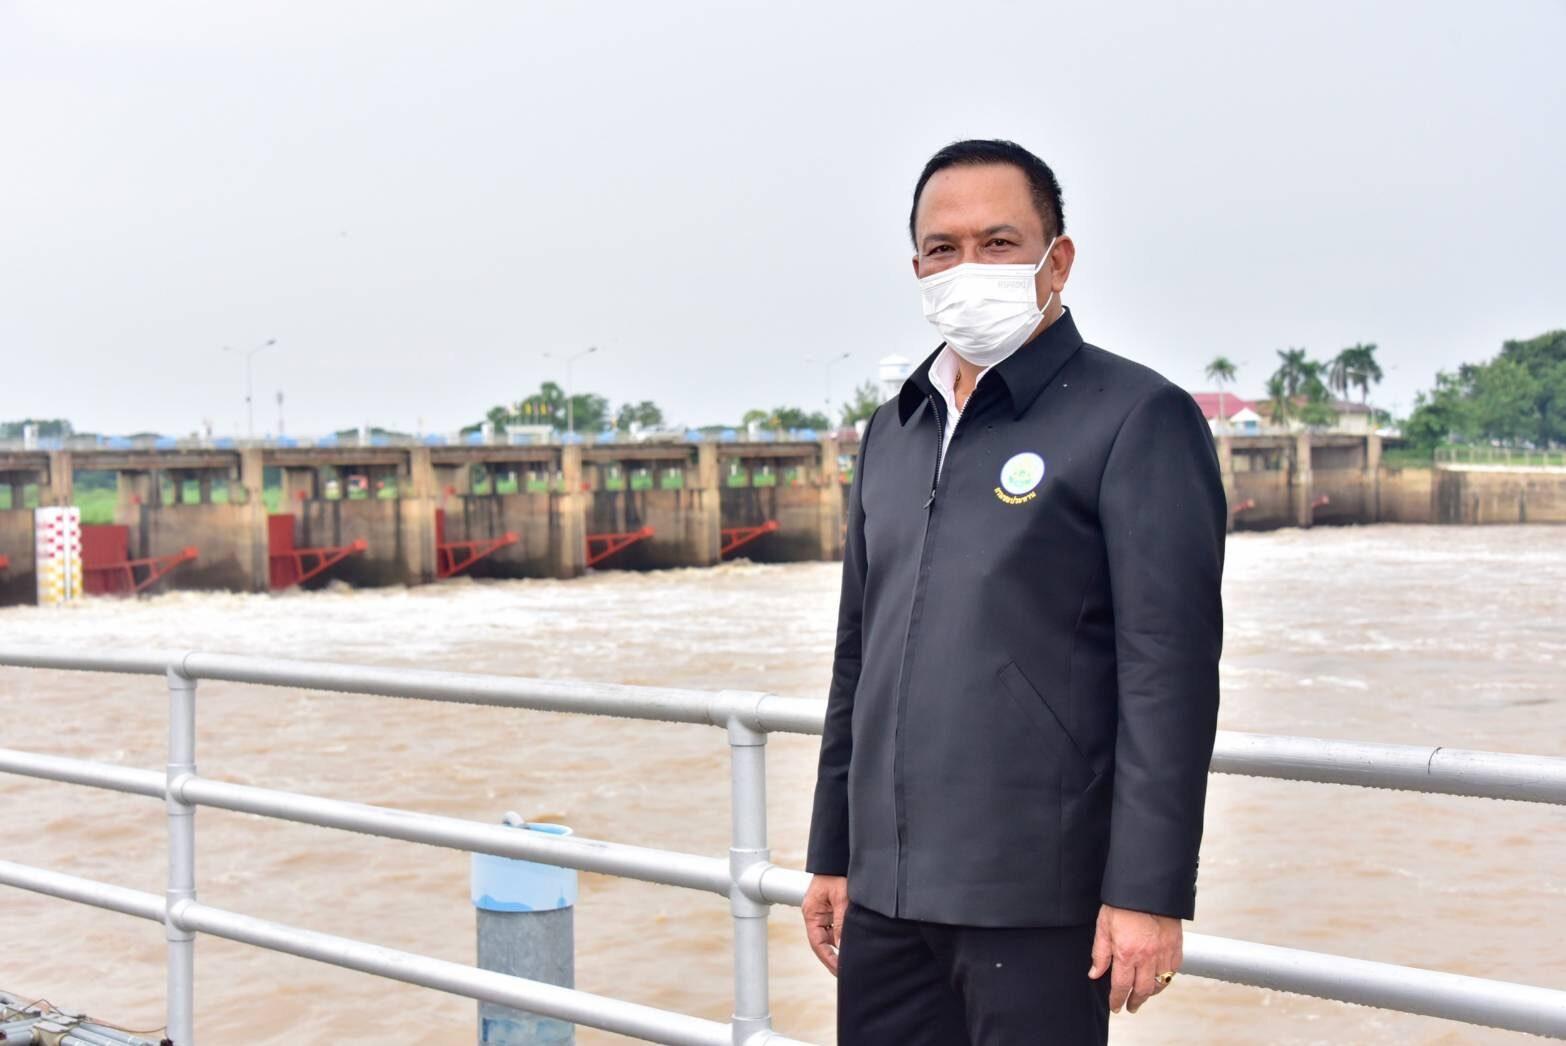 ชป. งัดแผนรับน้ำเข้าระบบชลประทาน 2 ฝั่งแม่น้ำเจ้าพระยา ลดผลกระทบพื้นที่ลุ่มต่ำตอนล่าง